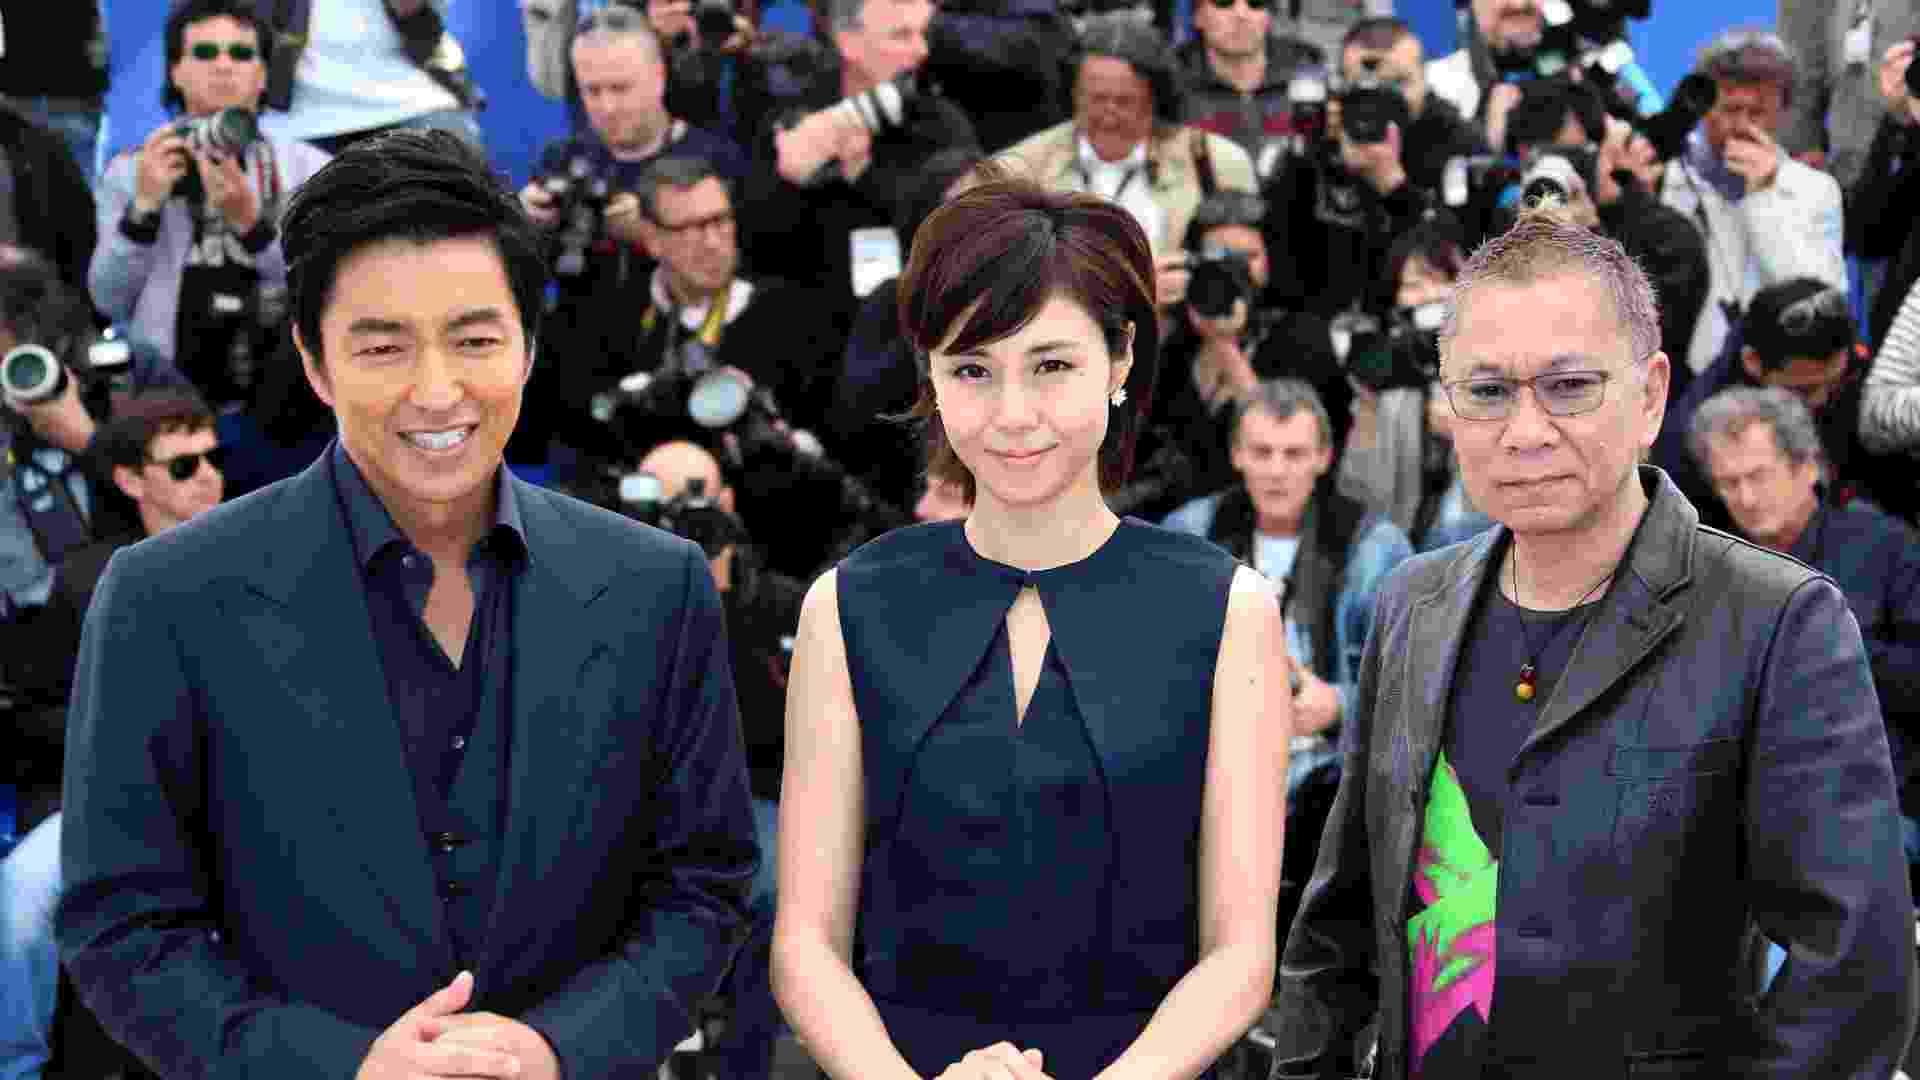 """20.mai.2013 - Os atores japoneses Takao Osawa e Nanako Matsushima e o diretor Takashi Miike posam para a divulgação do filme """"Wara No Tate"""" (Shield of Straw)  no Festival de Cannes - Loic Venance/AFP"""